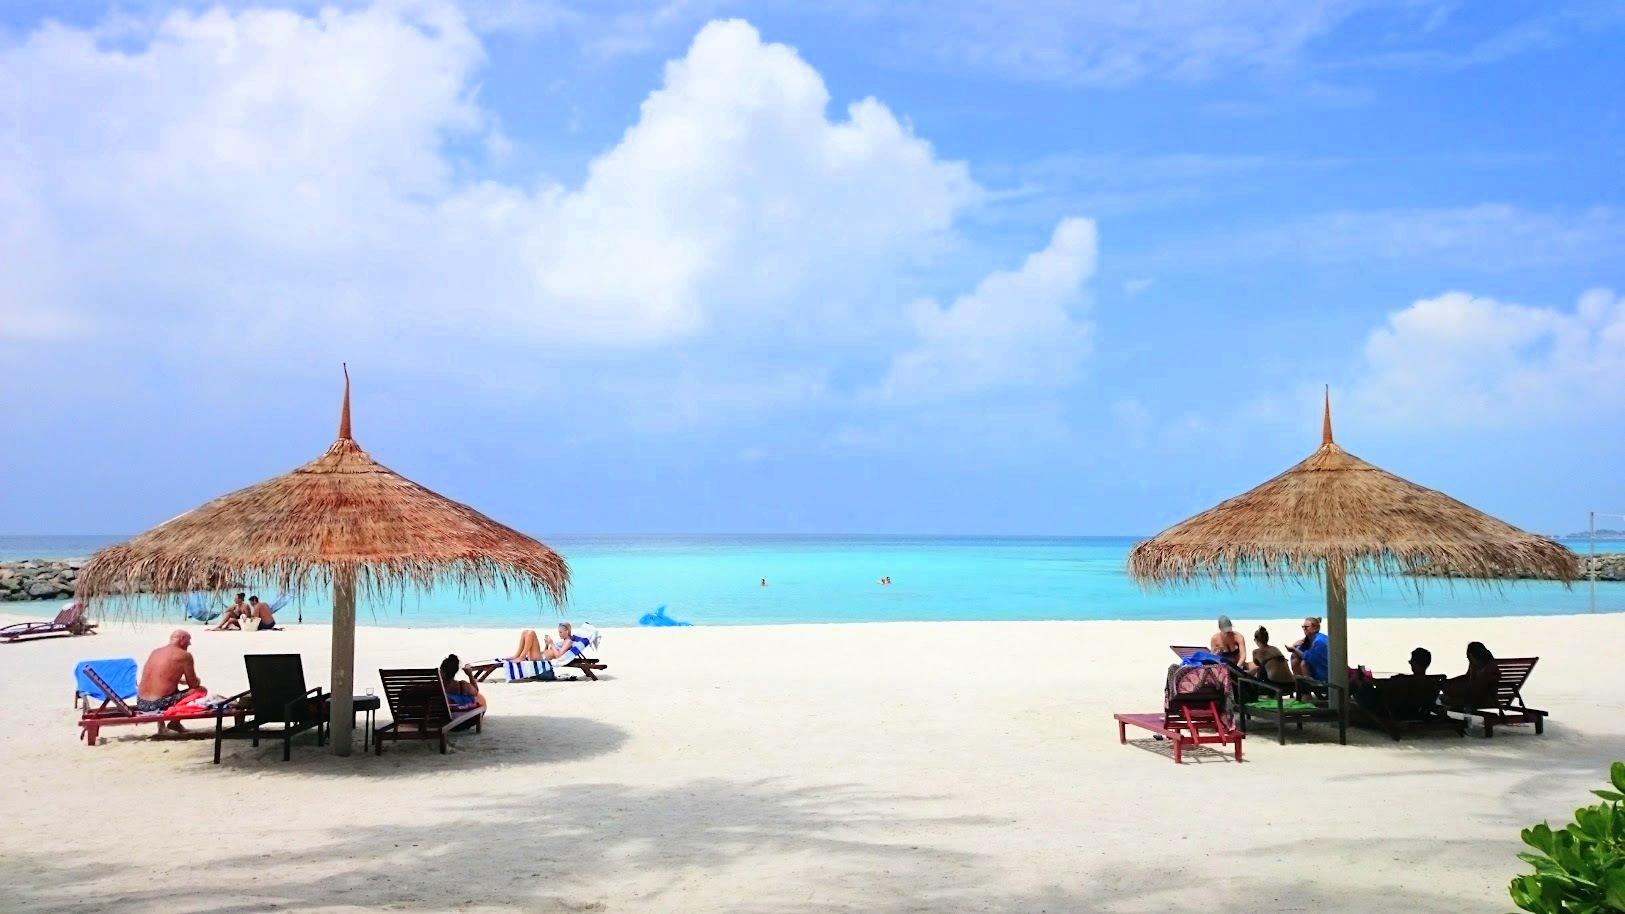 Maafushi Malediivit bikini beach edullisesti malediiveille kokemuksia